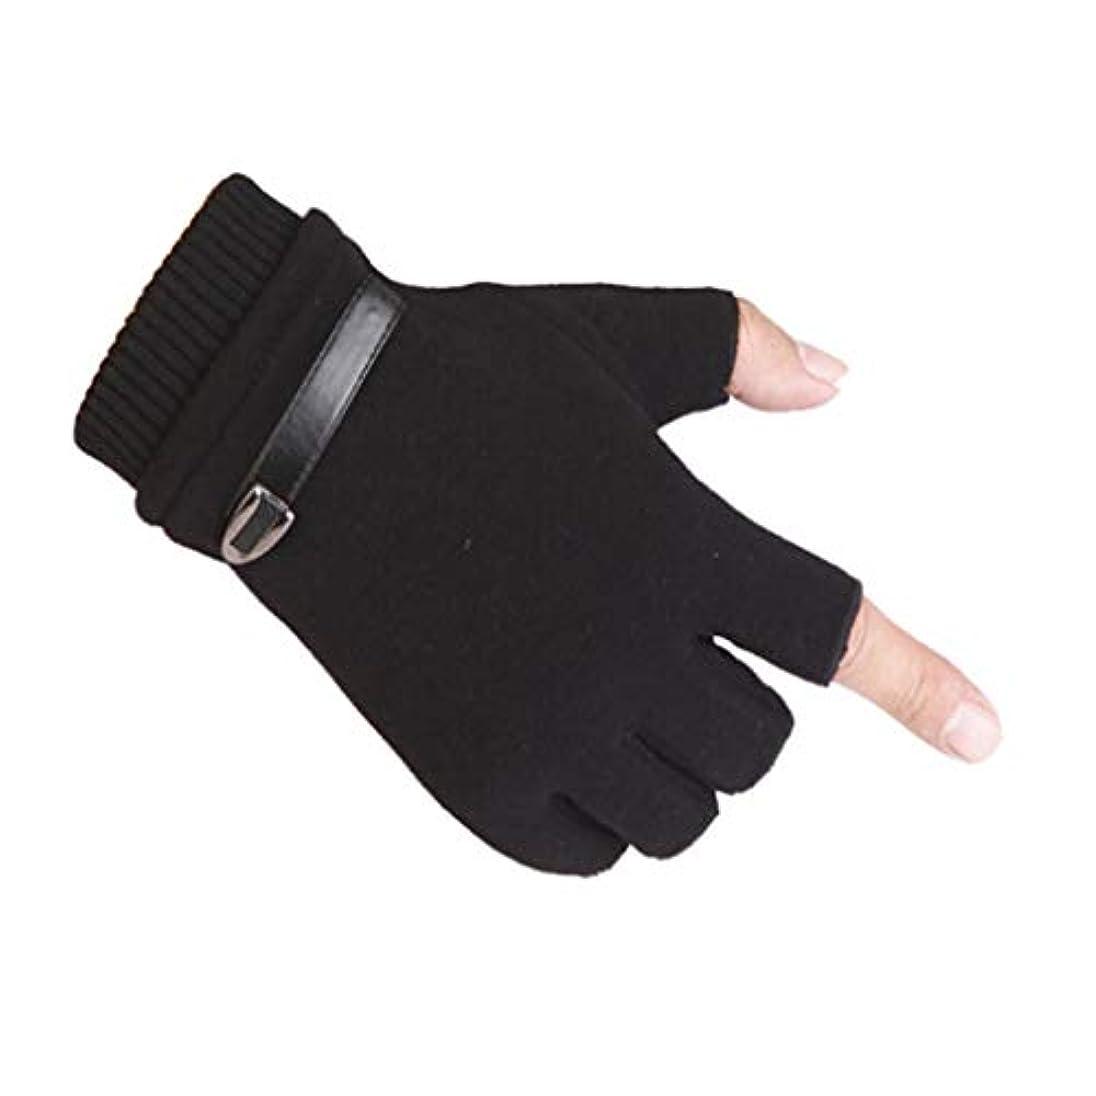 秋と冬プラスベルベット肥厚ハーフフィンガー手袋男性と女性ベルベット生徒は指を離してカップルの手袋黒の男性モデルに乗ってコンピュータタイピングを書くことではない